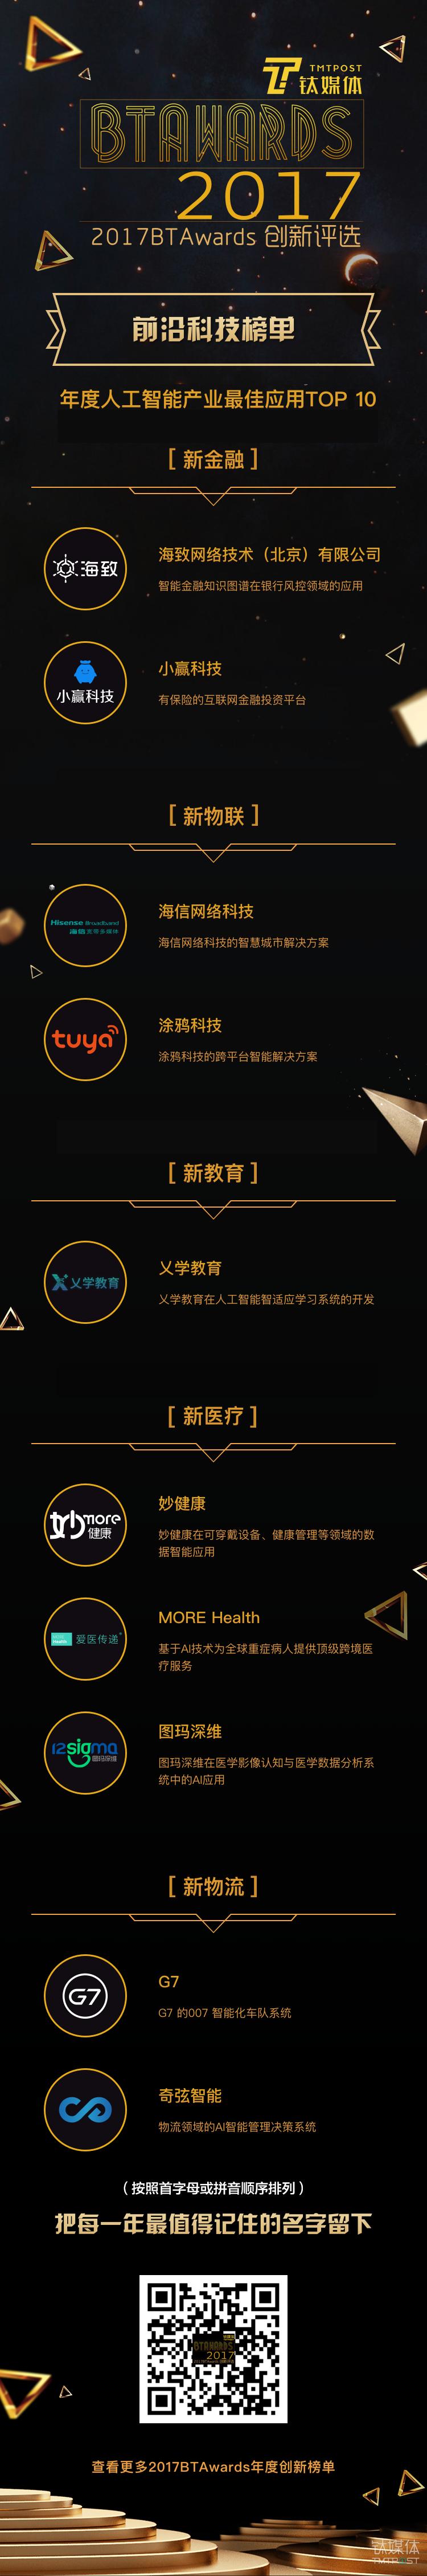 人工智能应用奖top10